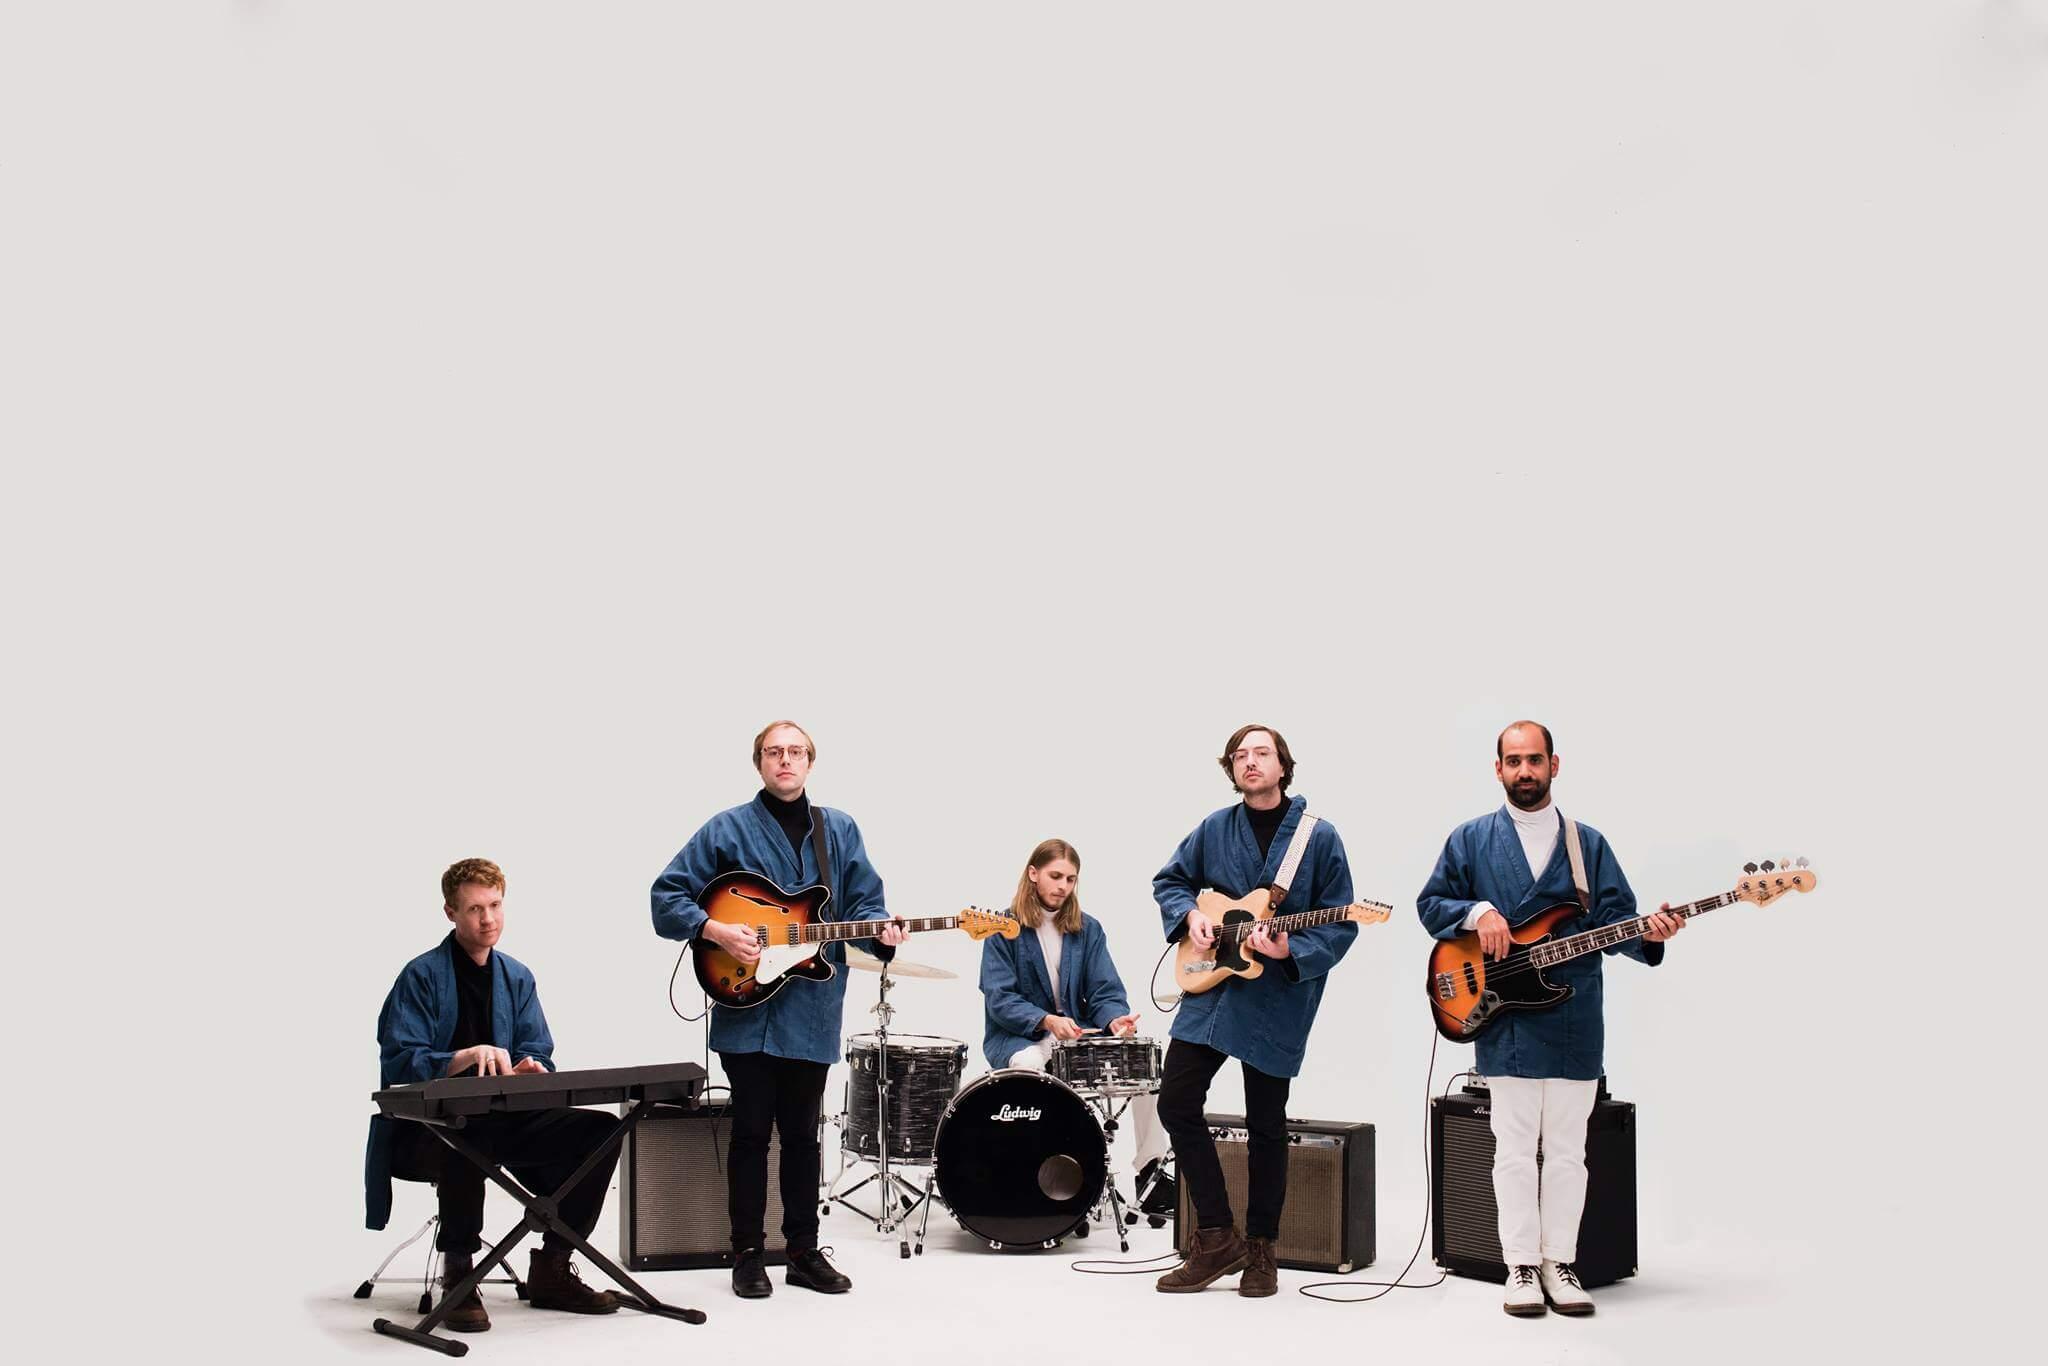 Die Band Real Estate versorgt dich im kuscheligen Molotow mit neuer Musik!